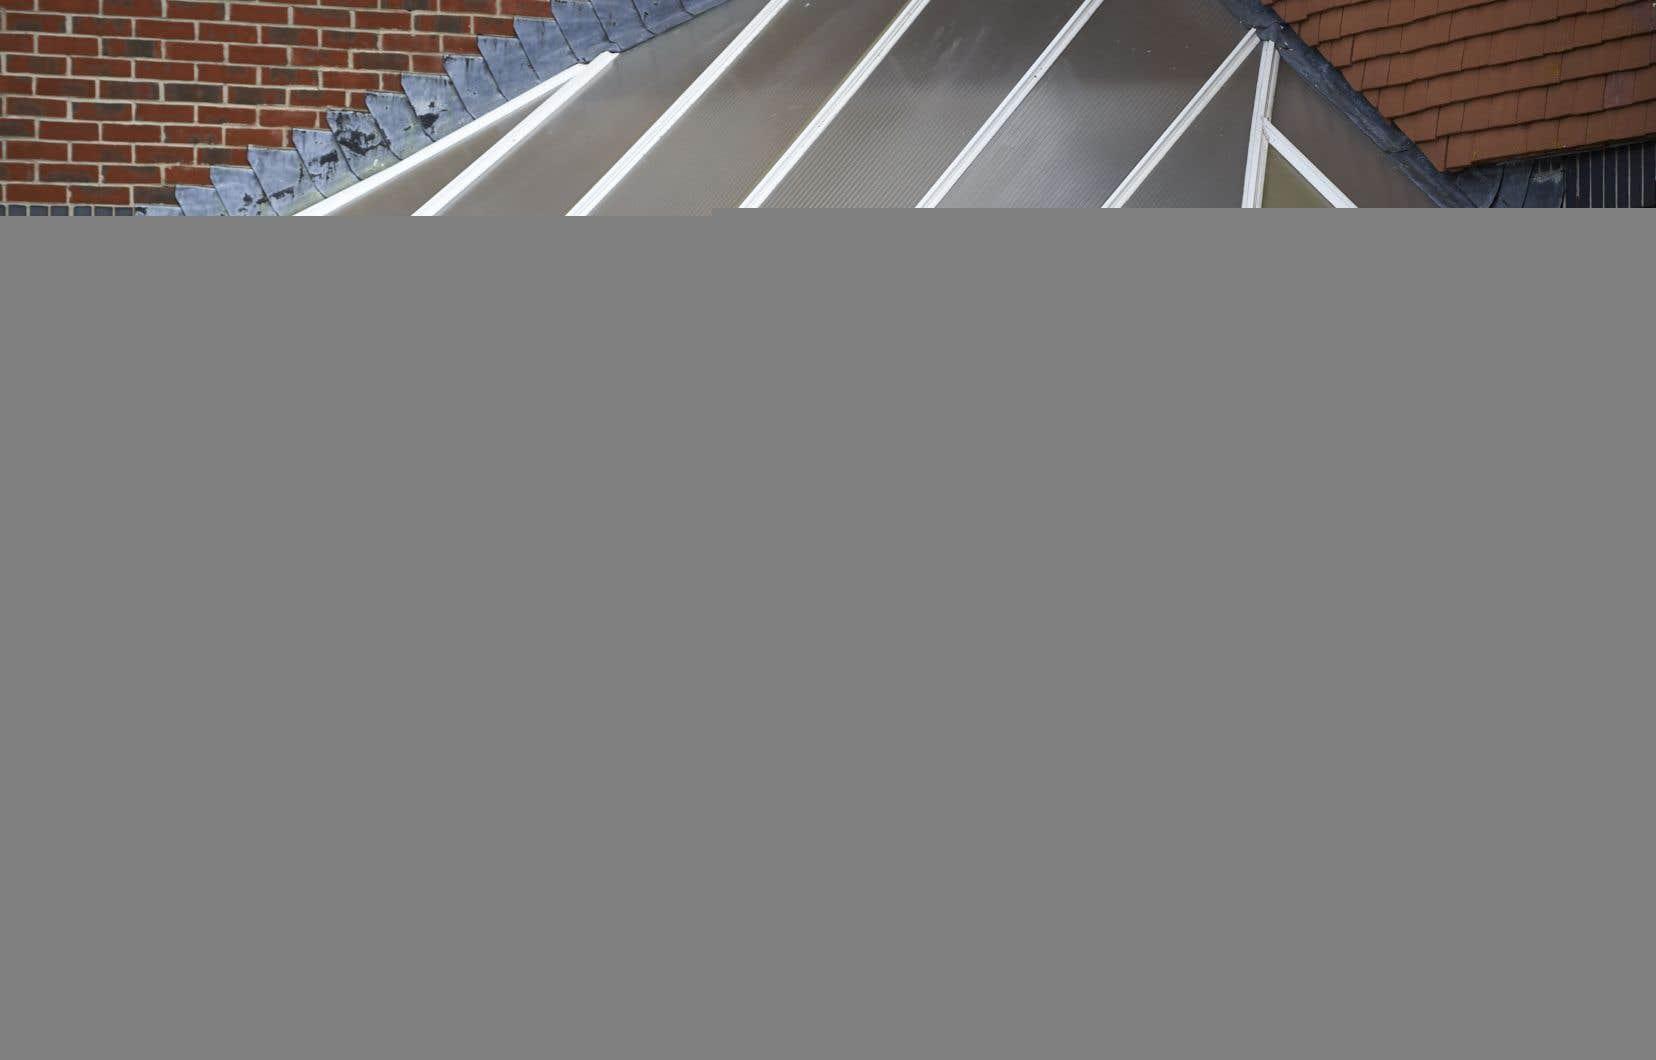 Un couple du sud-ouest de l'Angleterre a été empoisonné à l'agent innervant Novitchokle week-end dernier.